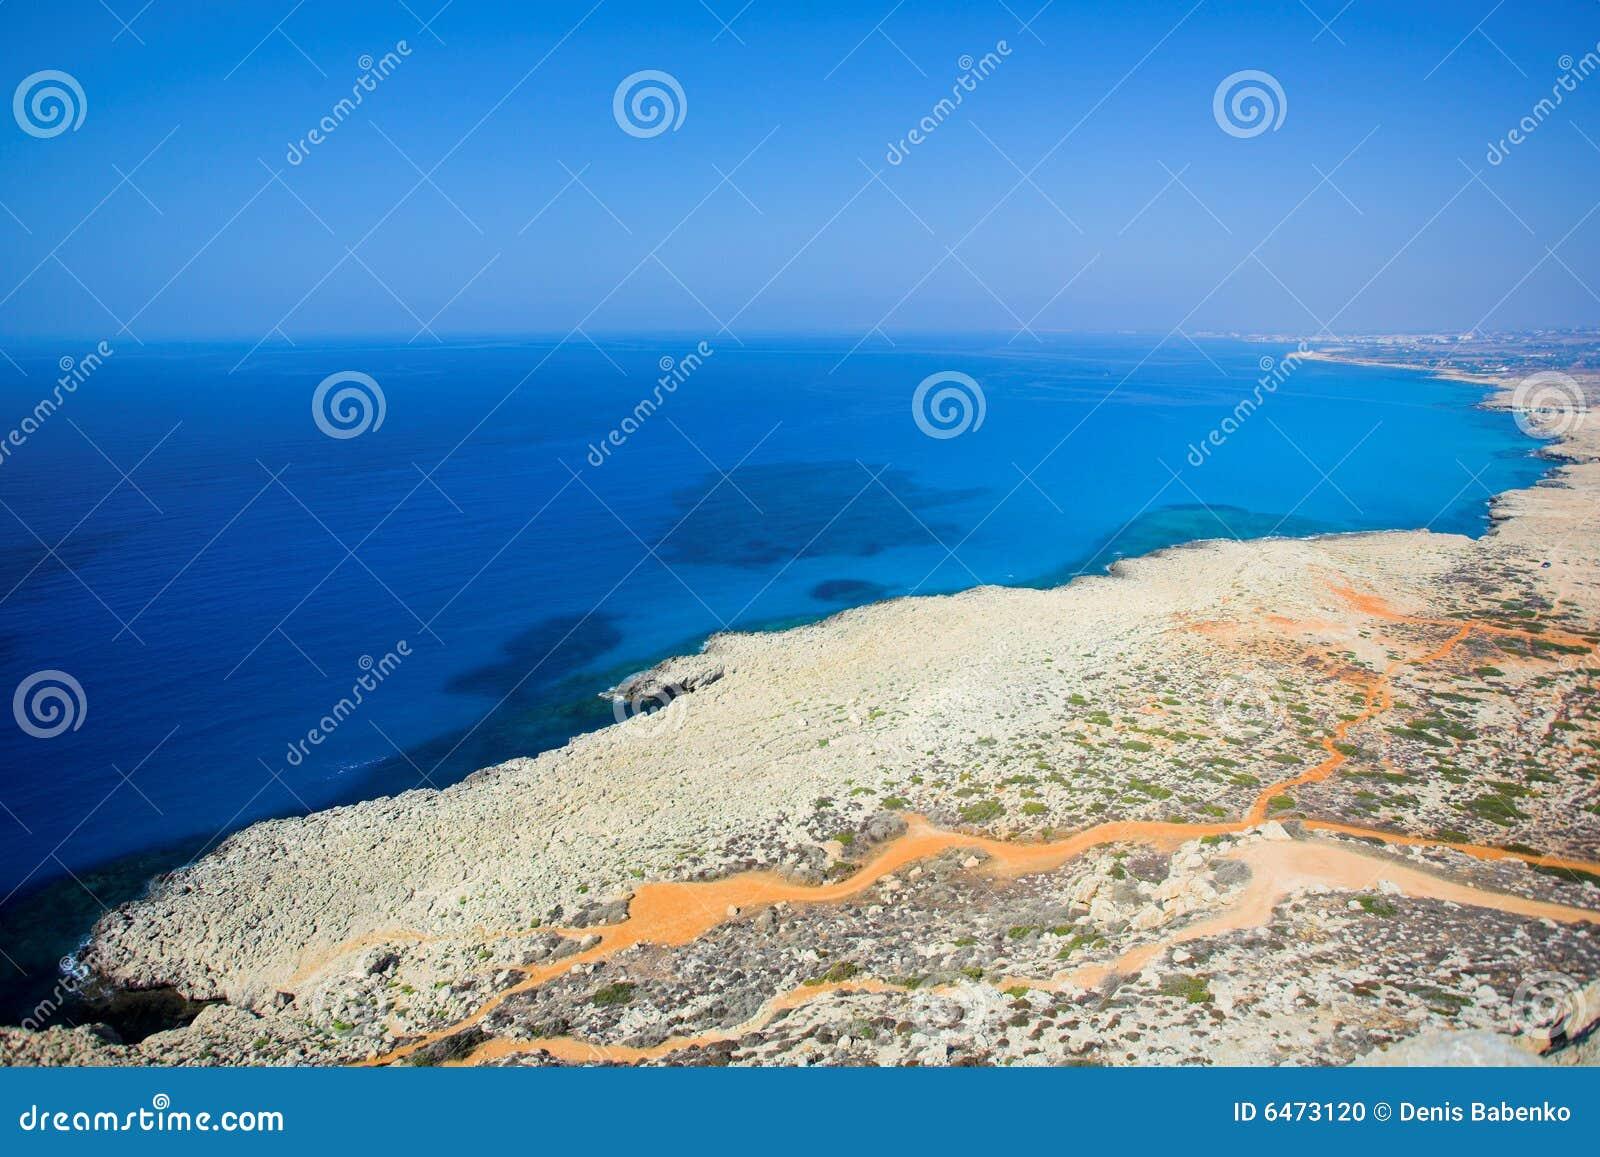 Przylądek greco